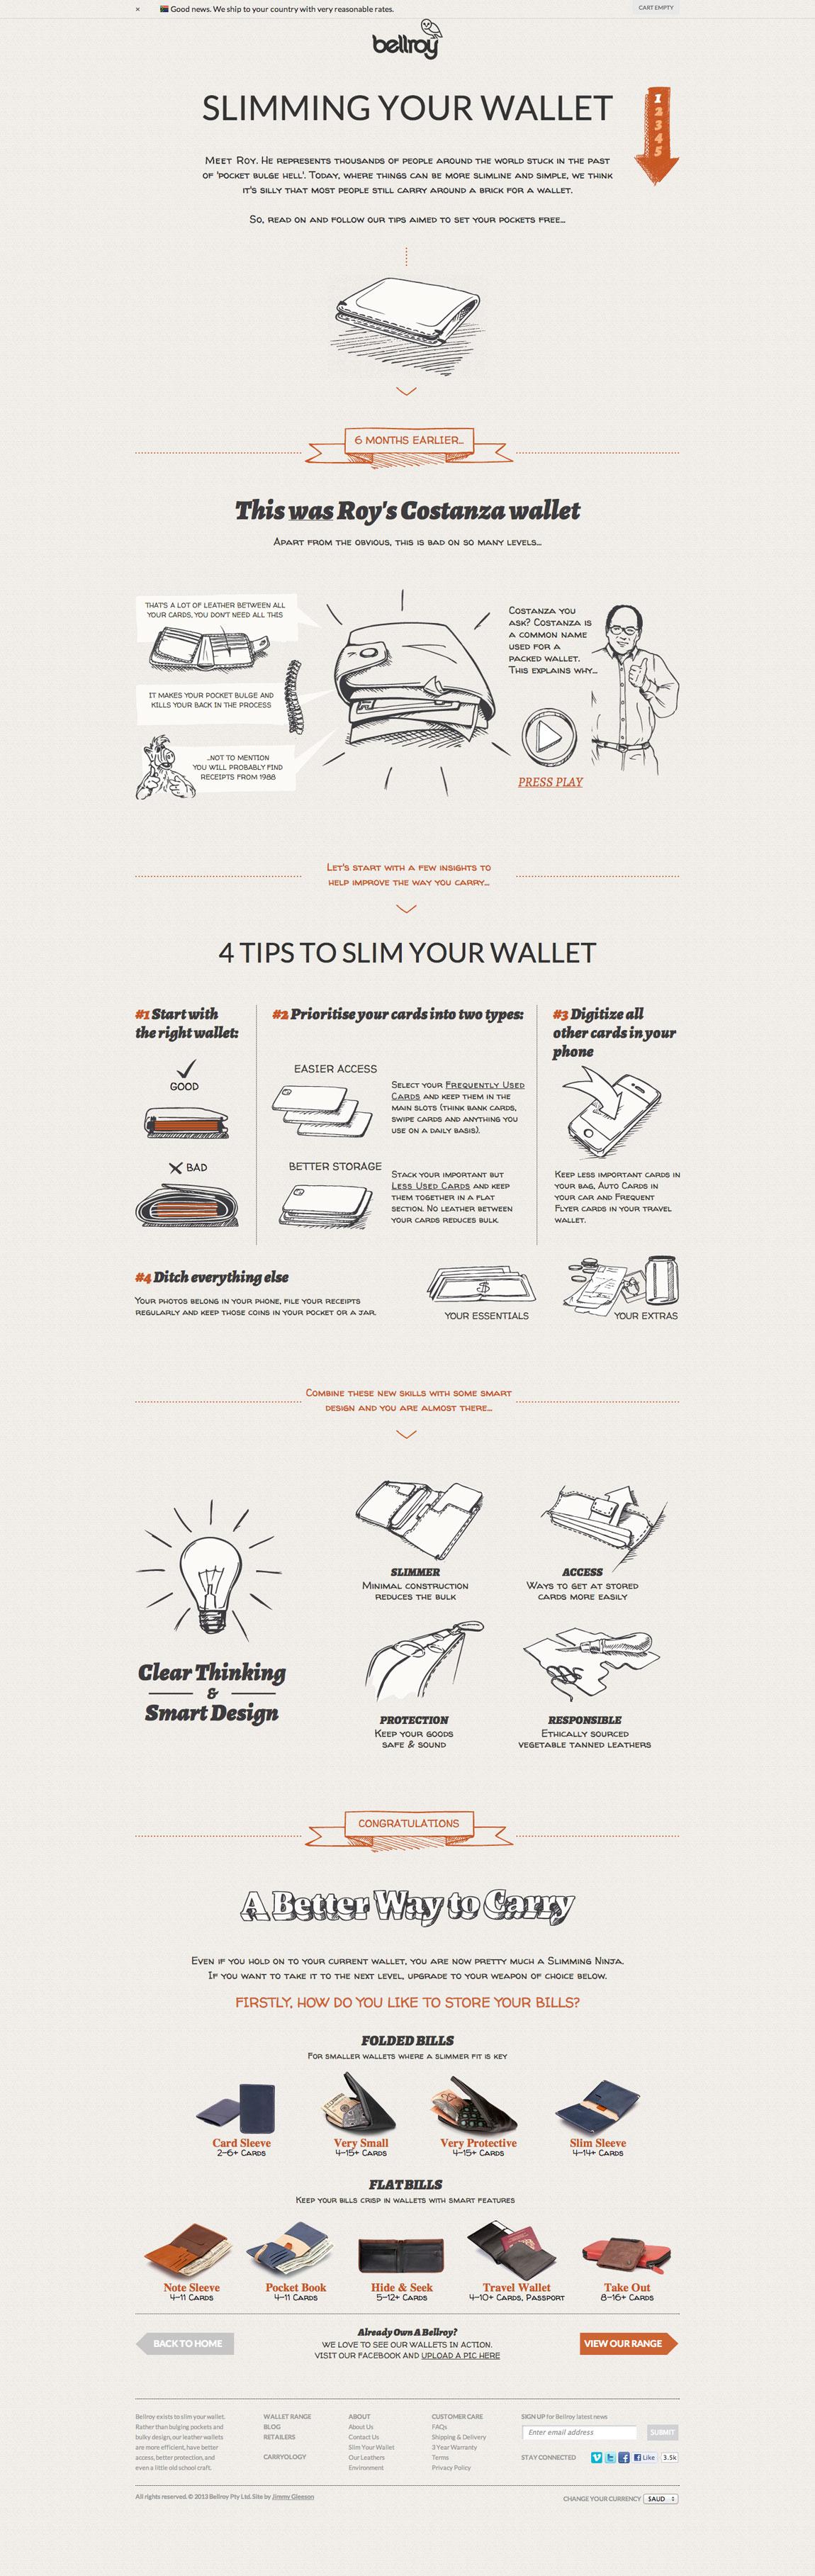 Slimming Your Wallet Website Screenshot